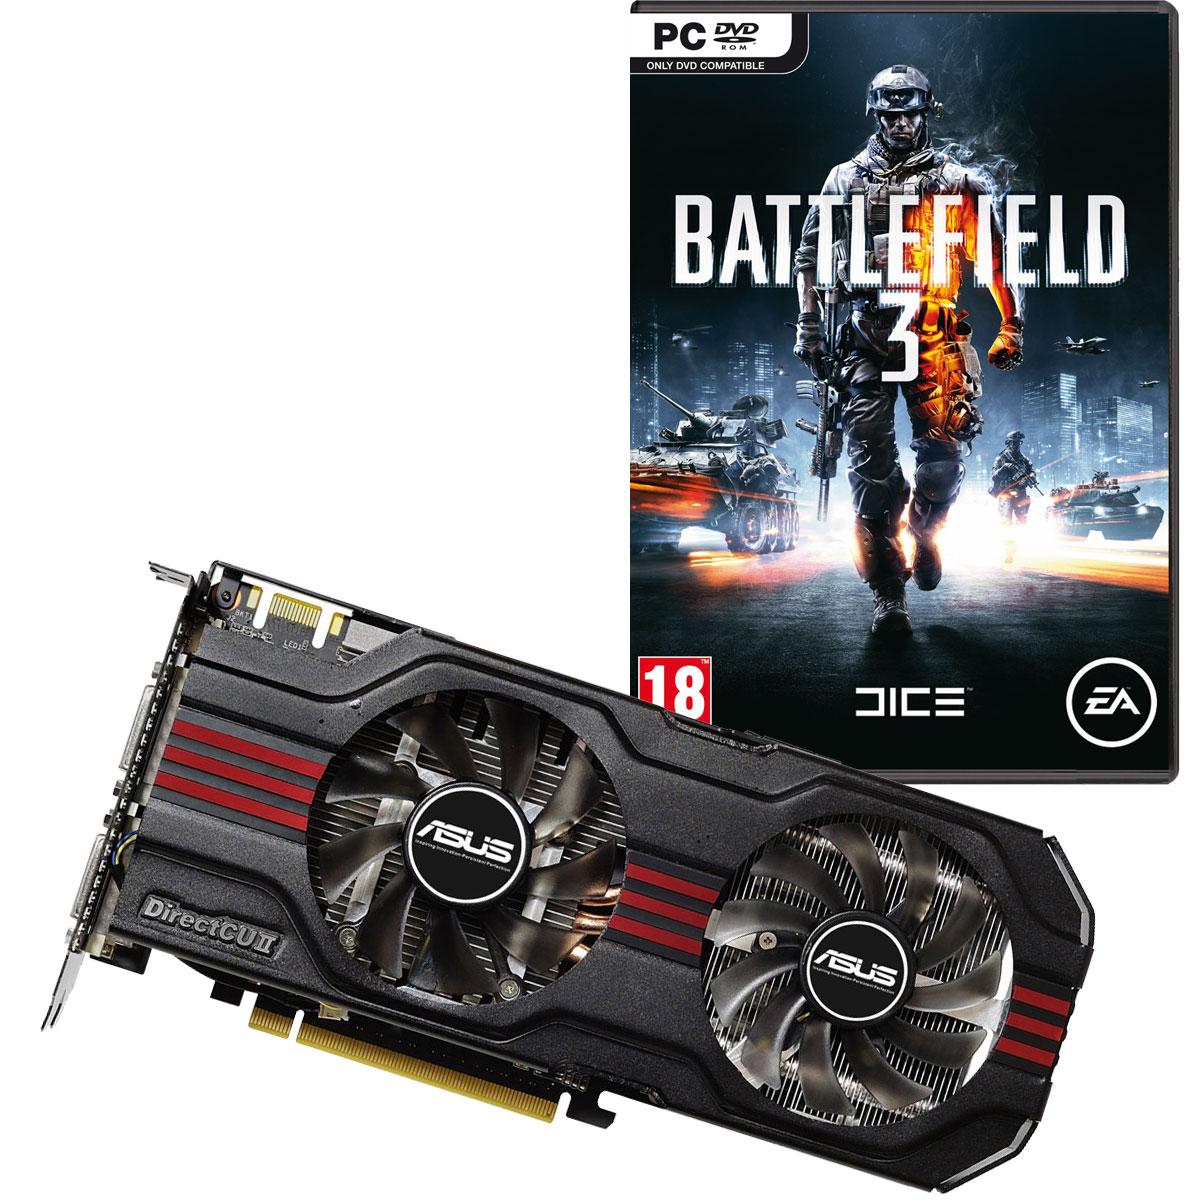 Carte graphique ASUS ENGTX560 Ti DirectCU II TOP 1024MB + Battlefield 3 1024 Mo Dual DVI/Mini HDMI - PCI Express (NVIDIA GeForce avec CUDA GTX 560 Ti)